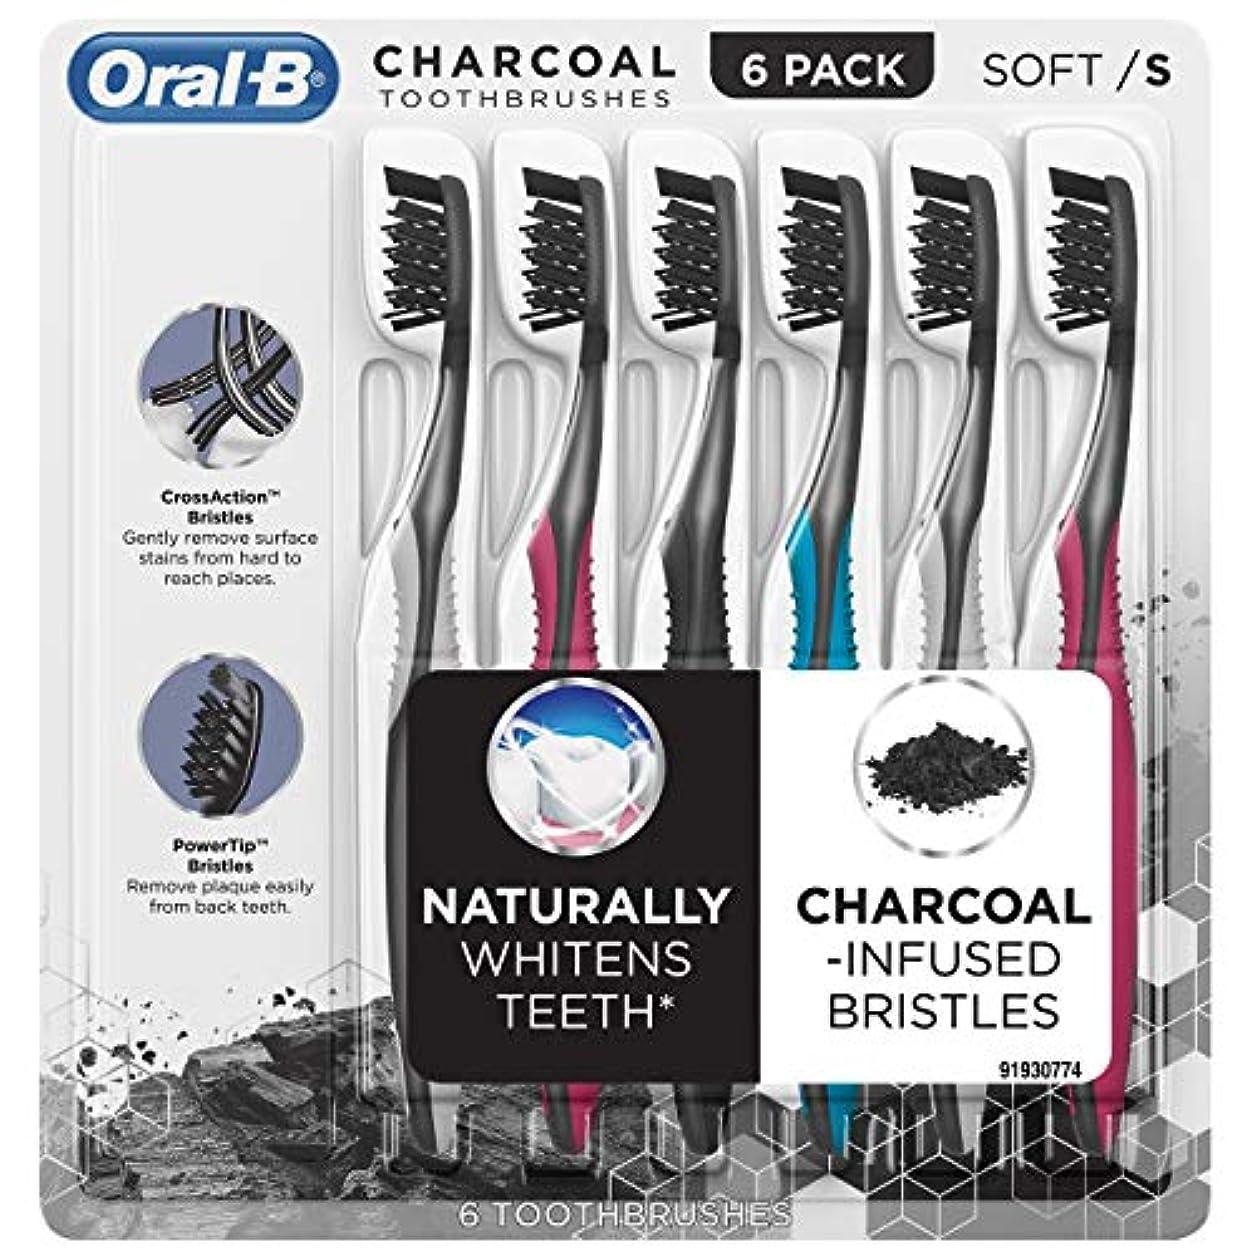 メーカー肌同級生オーラルB クロスアクション 炭 配合 歯ブラシ オーラルケア デンタル 6本セット (M(ミディアム))